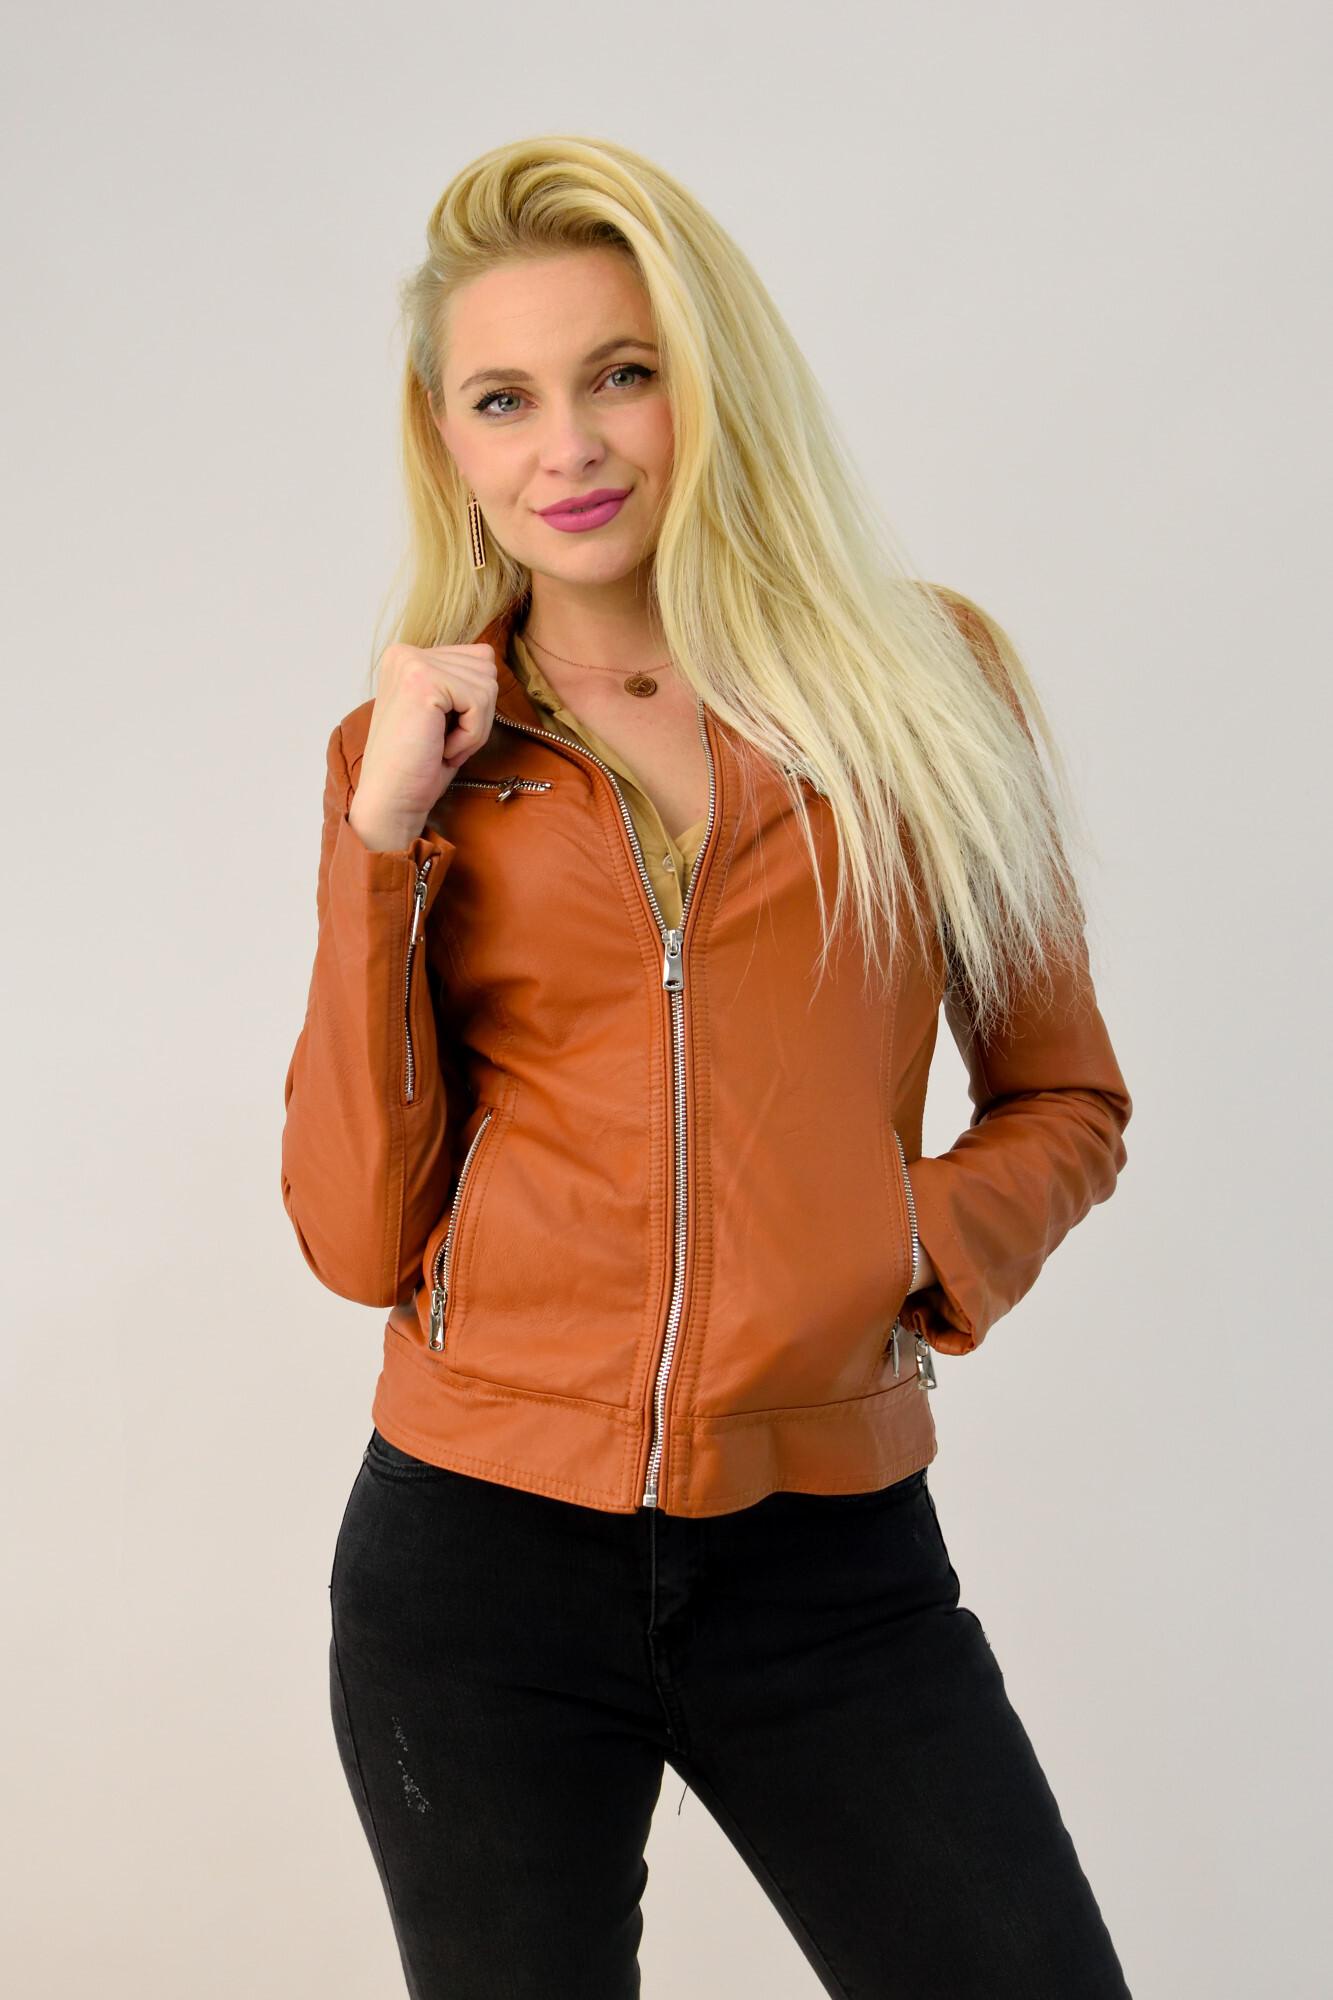 6229a70cb5a Γυναικείο jacket δερματίνης με τσέπες. Tap to expand